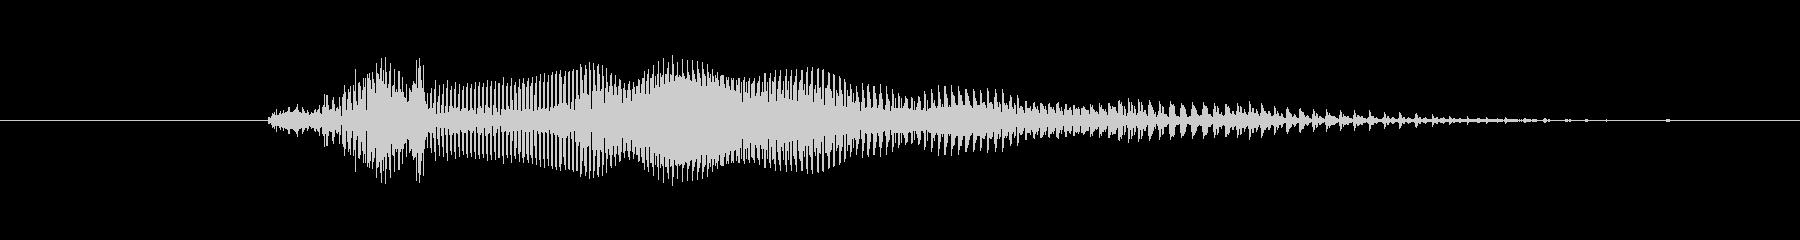 とぁ 和風掛け声 - 男性 -の未再生の波形